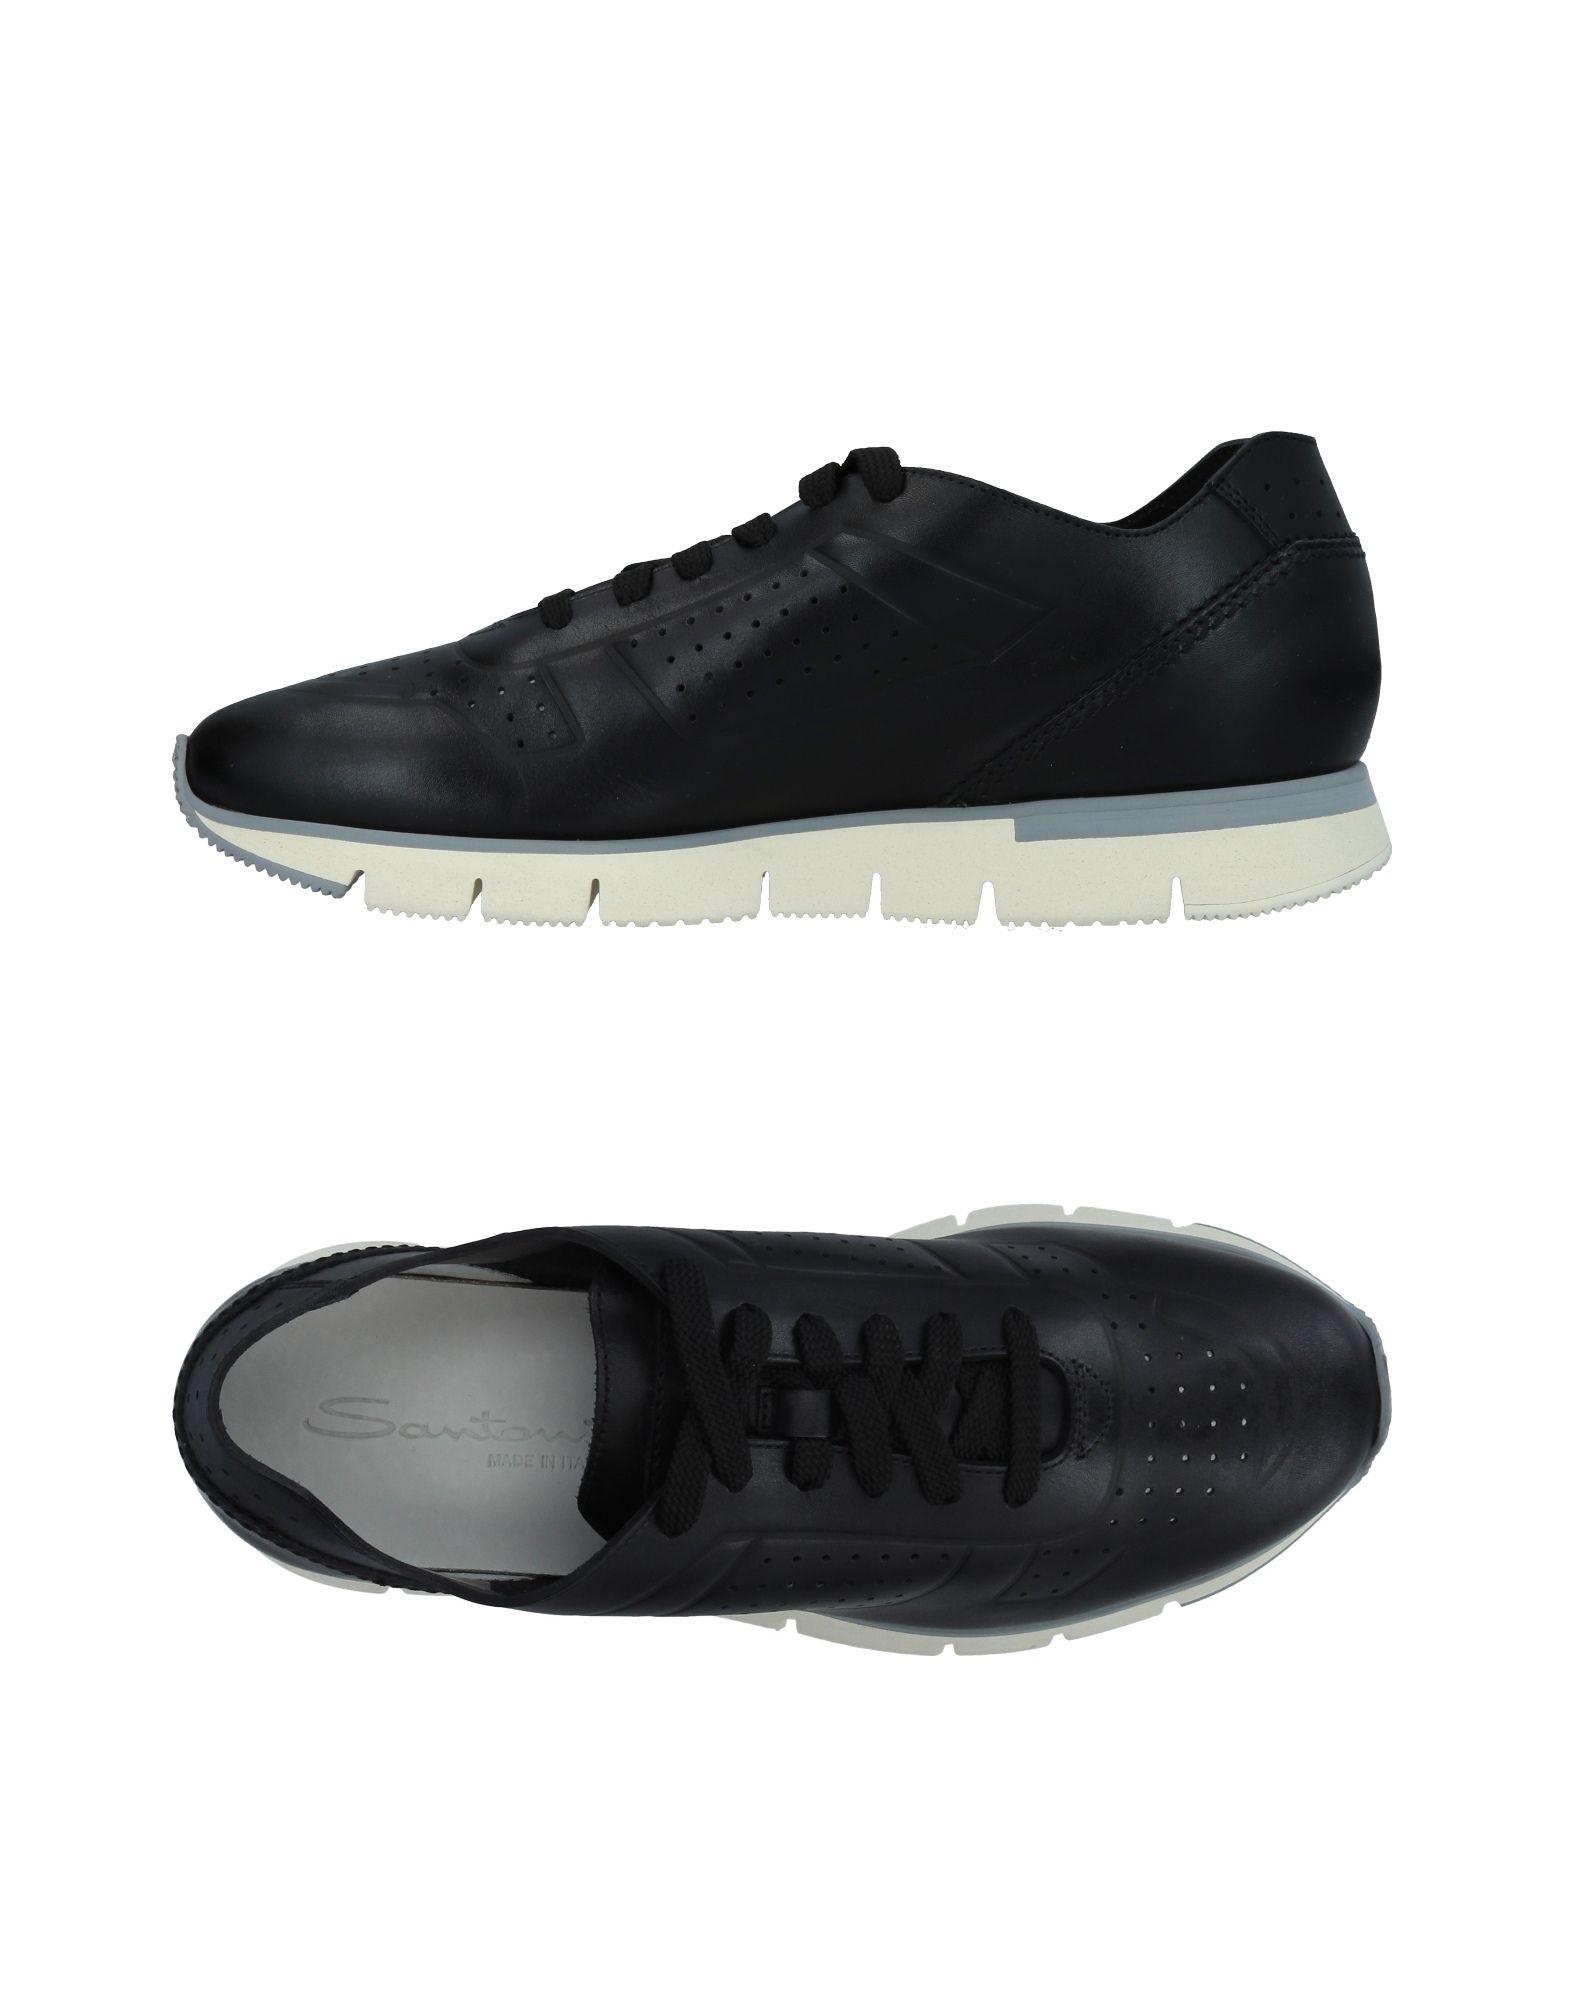 Santoni Sneakers Herren Schuhe  11410719OO Heiße Schuhe Herren bddeb2